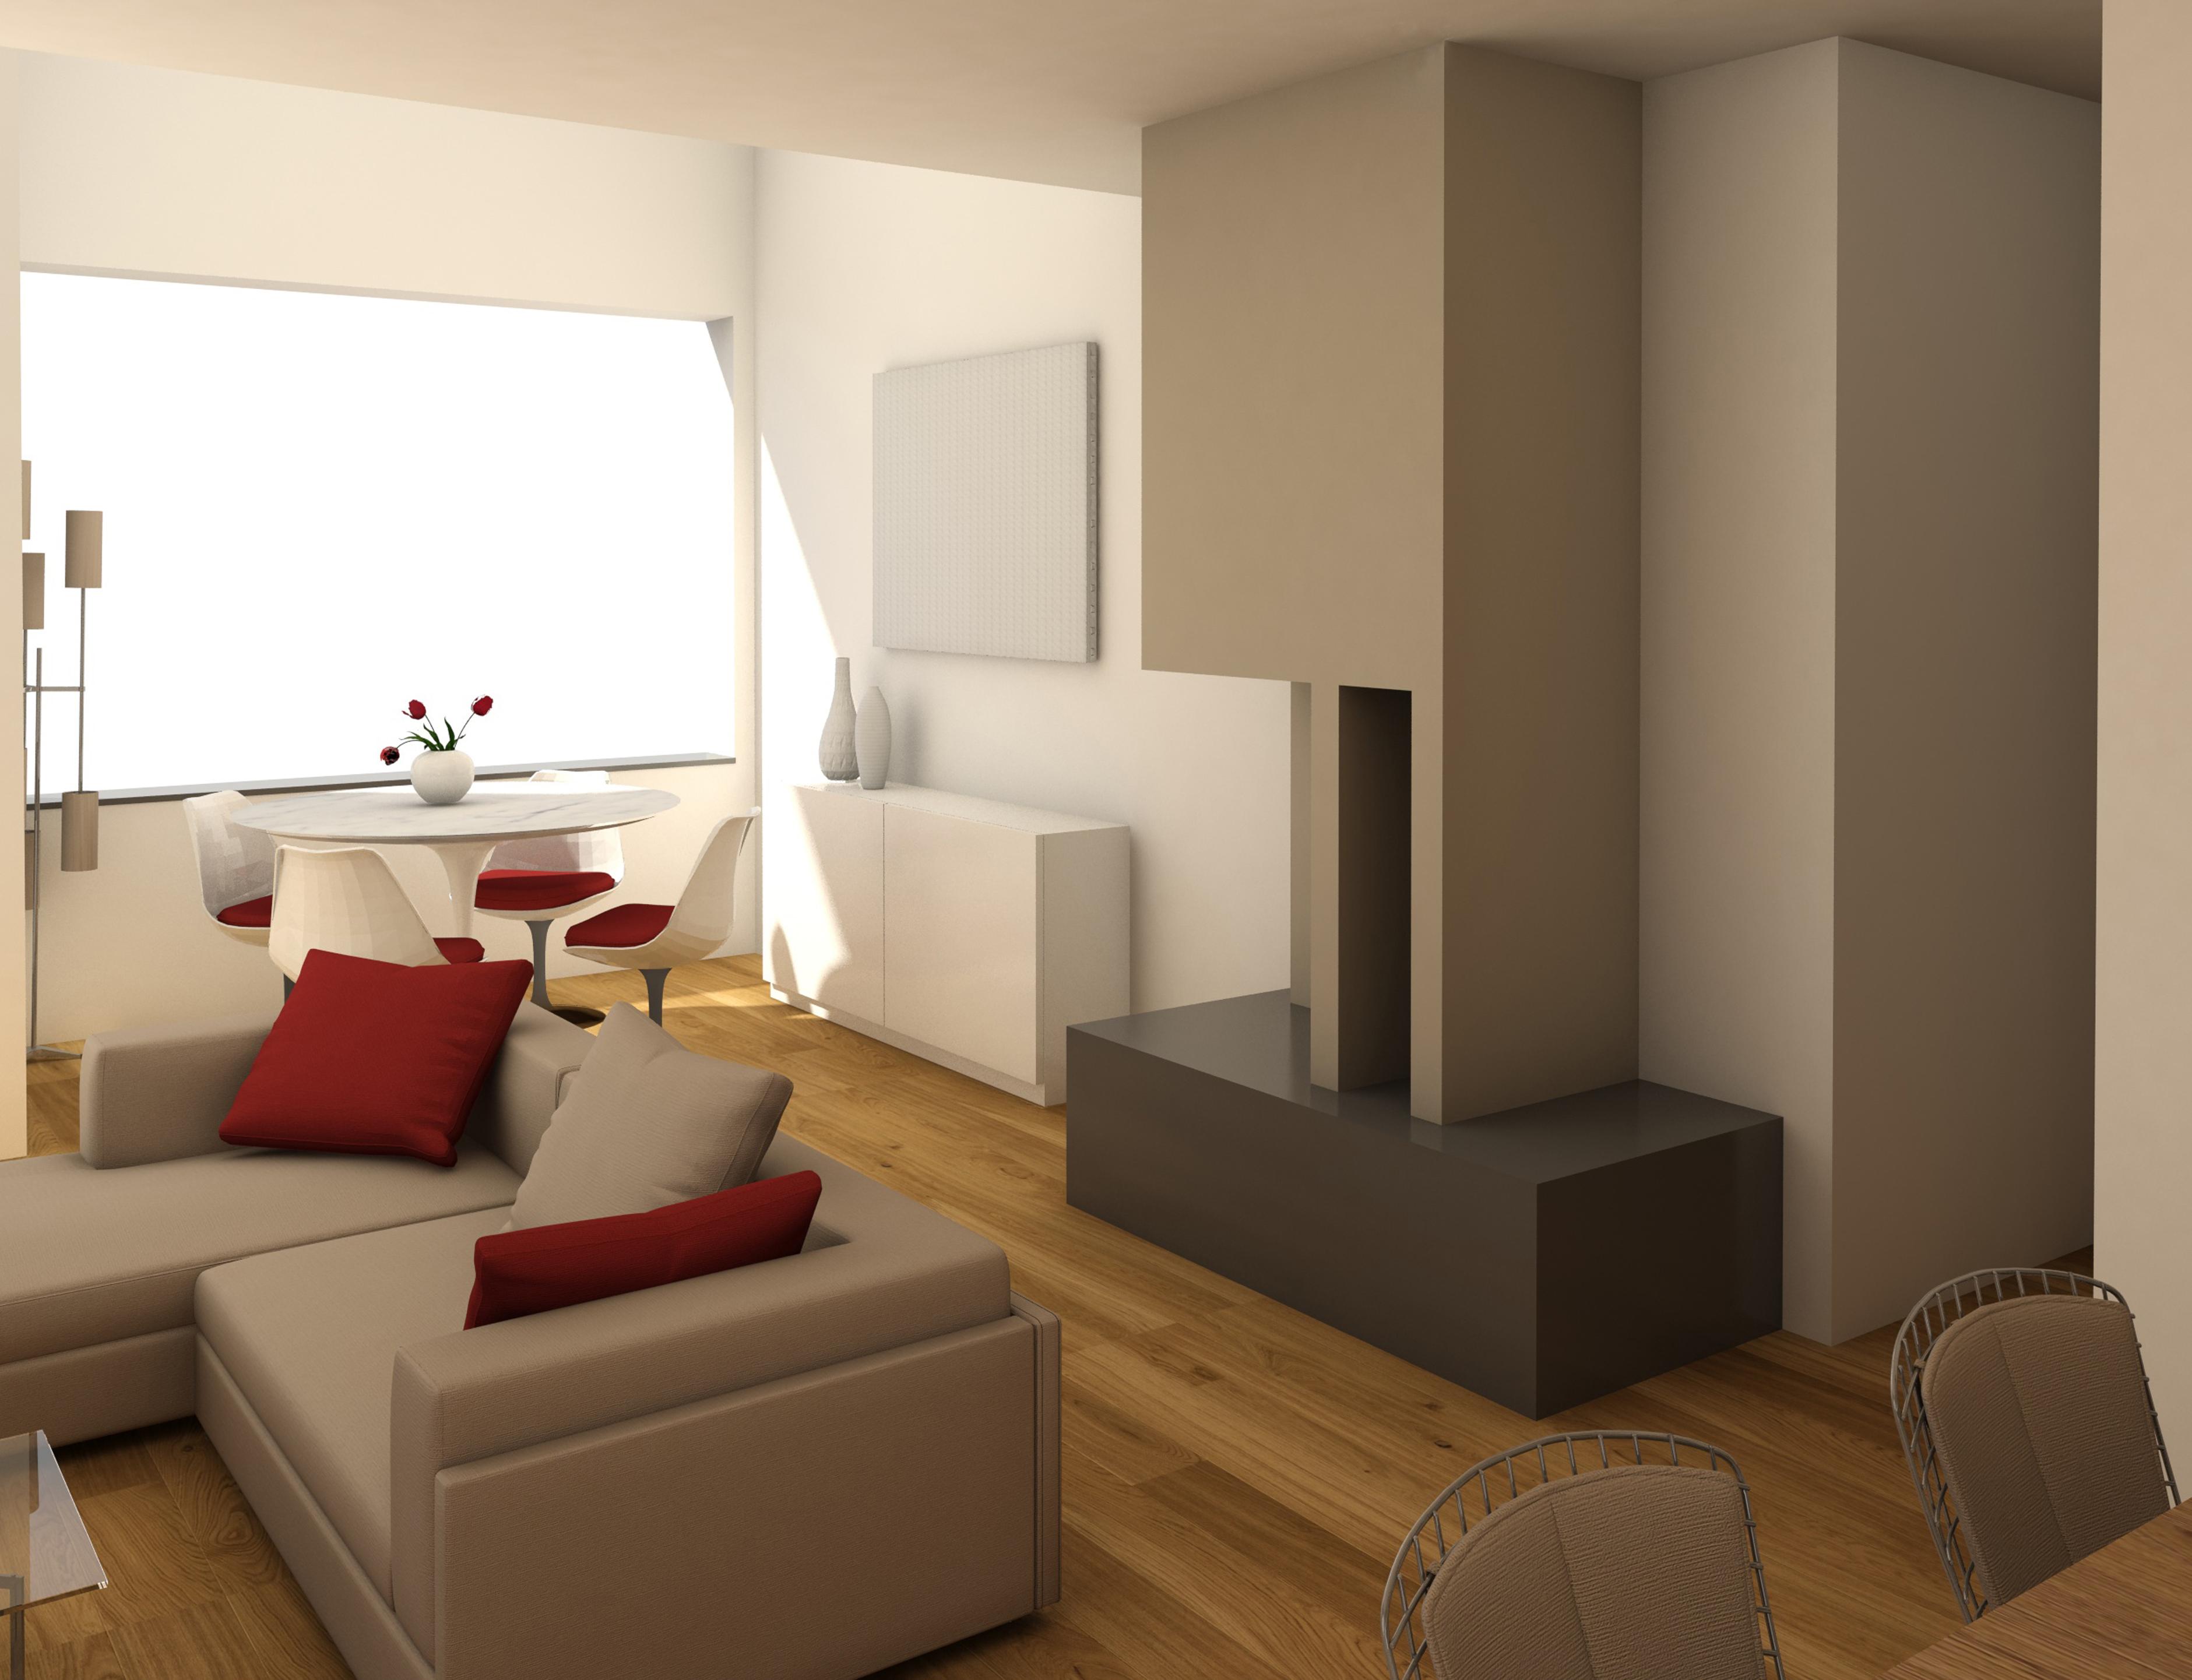 Architettura E Design Interni.Architettura D Interni Studio Di Architettura A Foligno